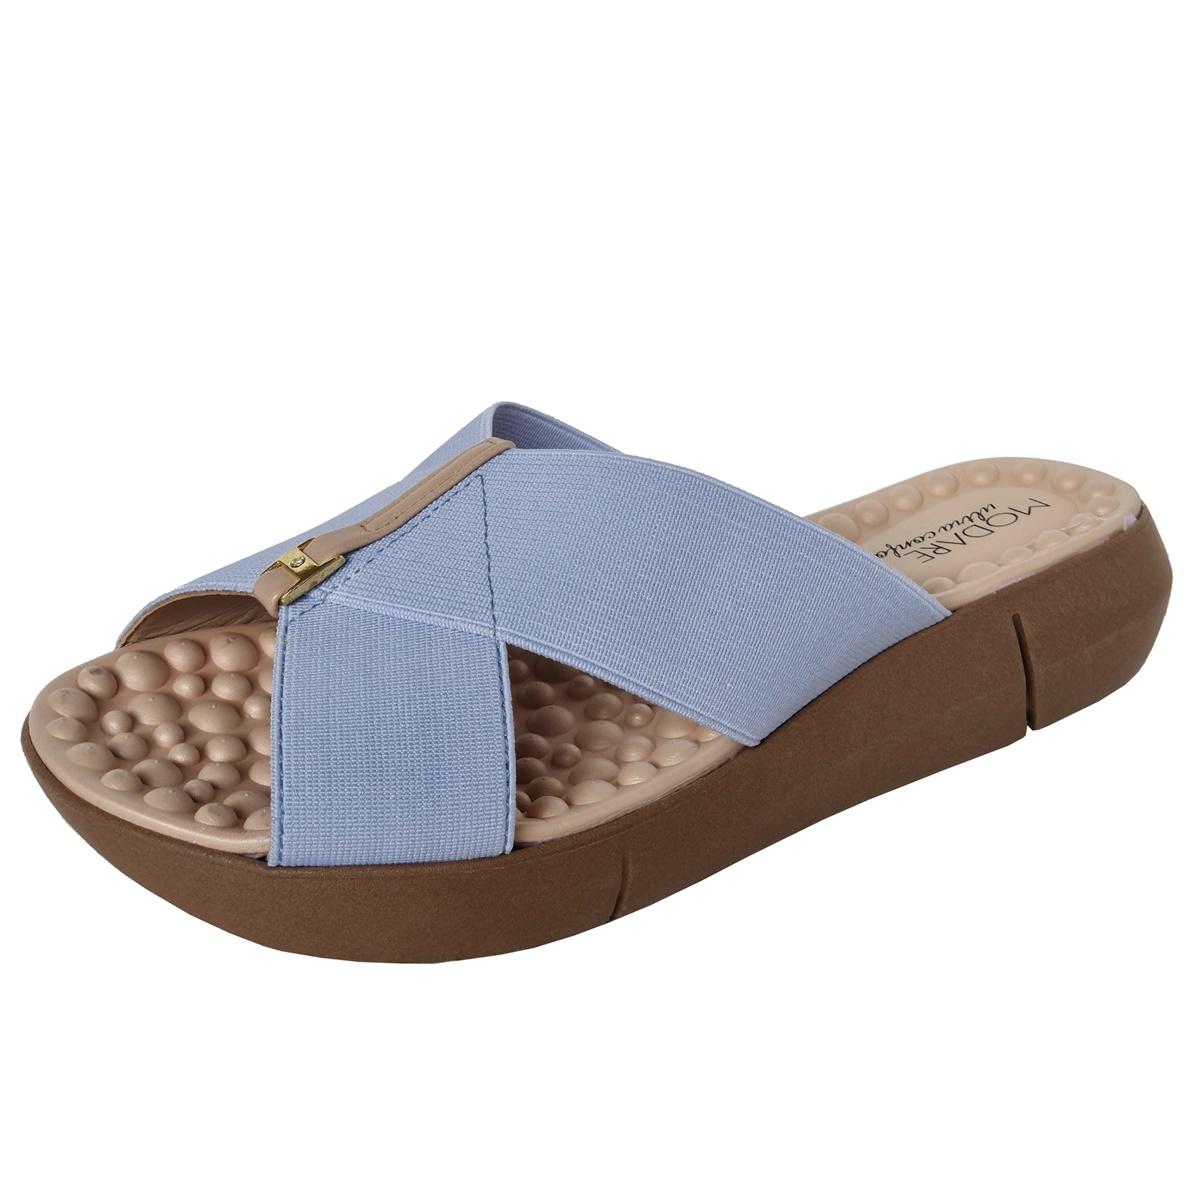 Tamanco Jeans Modare 7142.101